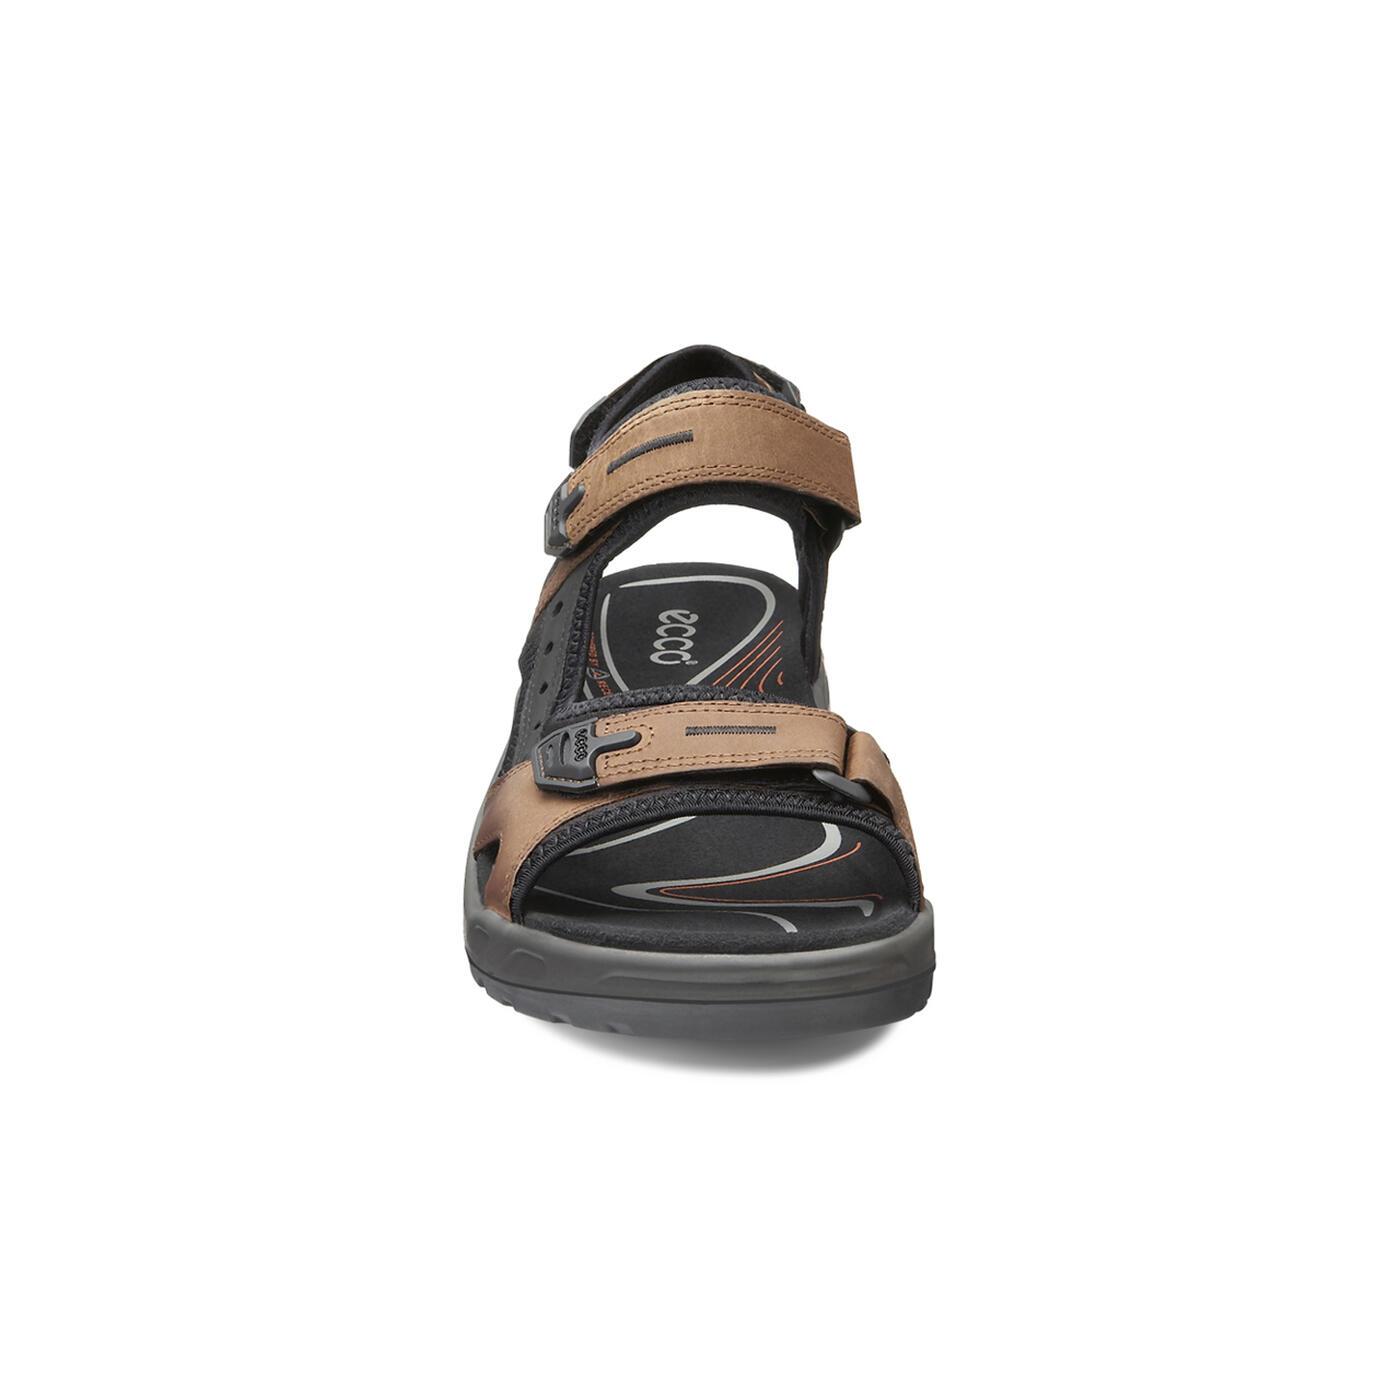 ECCO Yucatan Men's Sandals